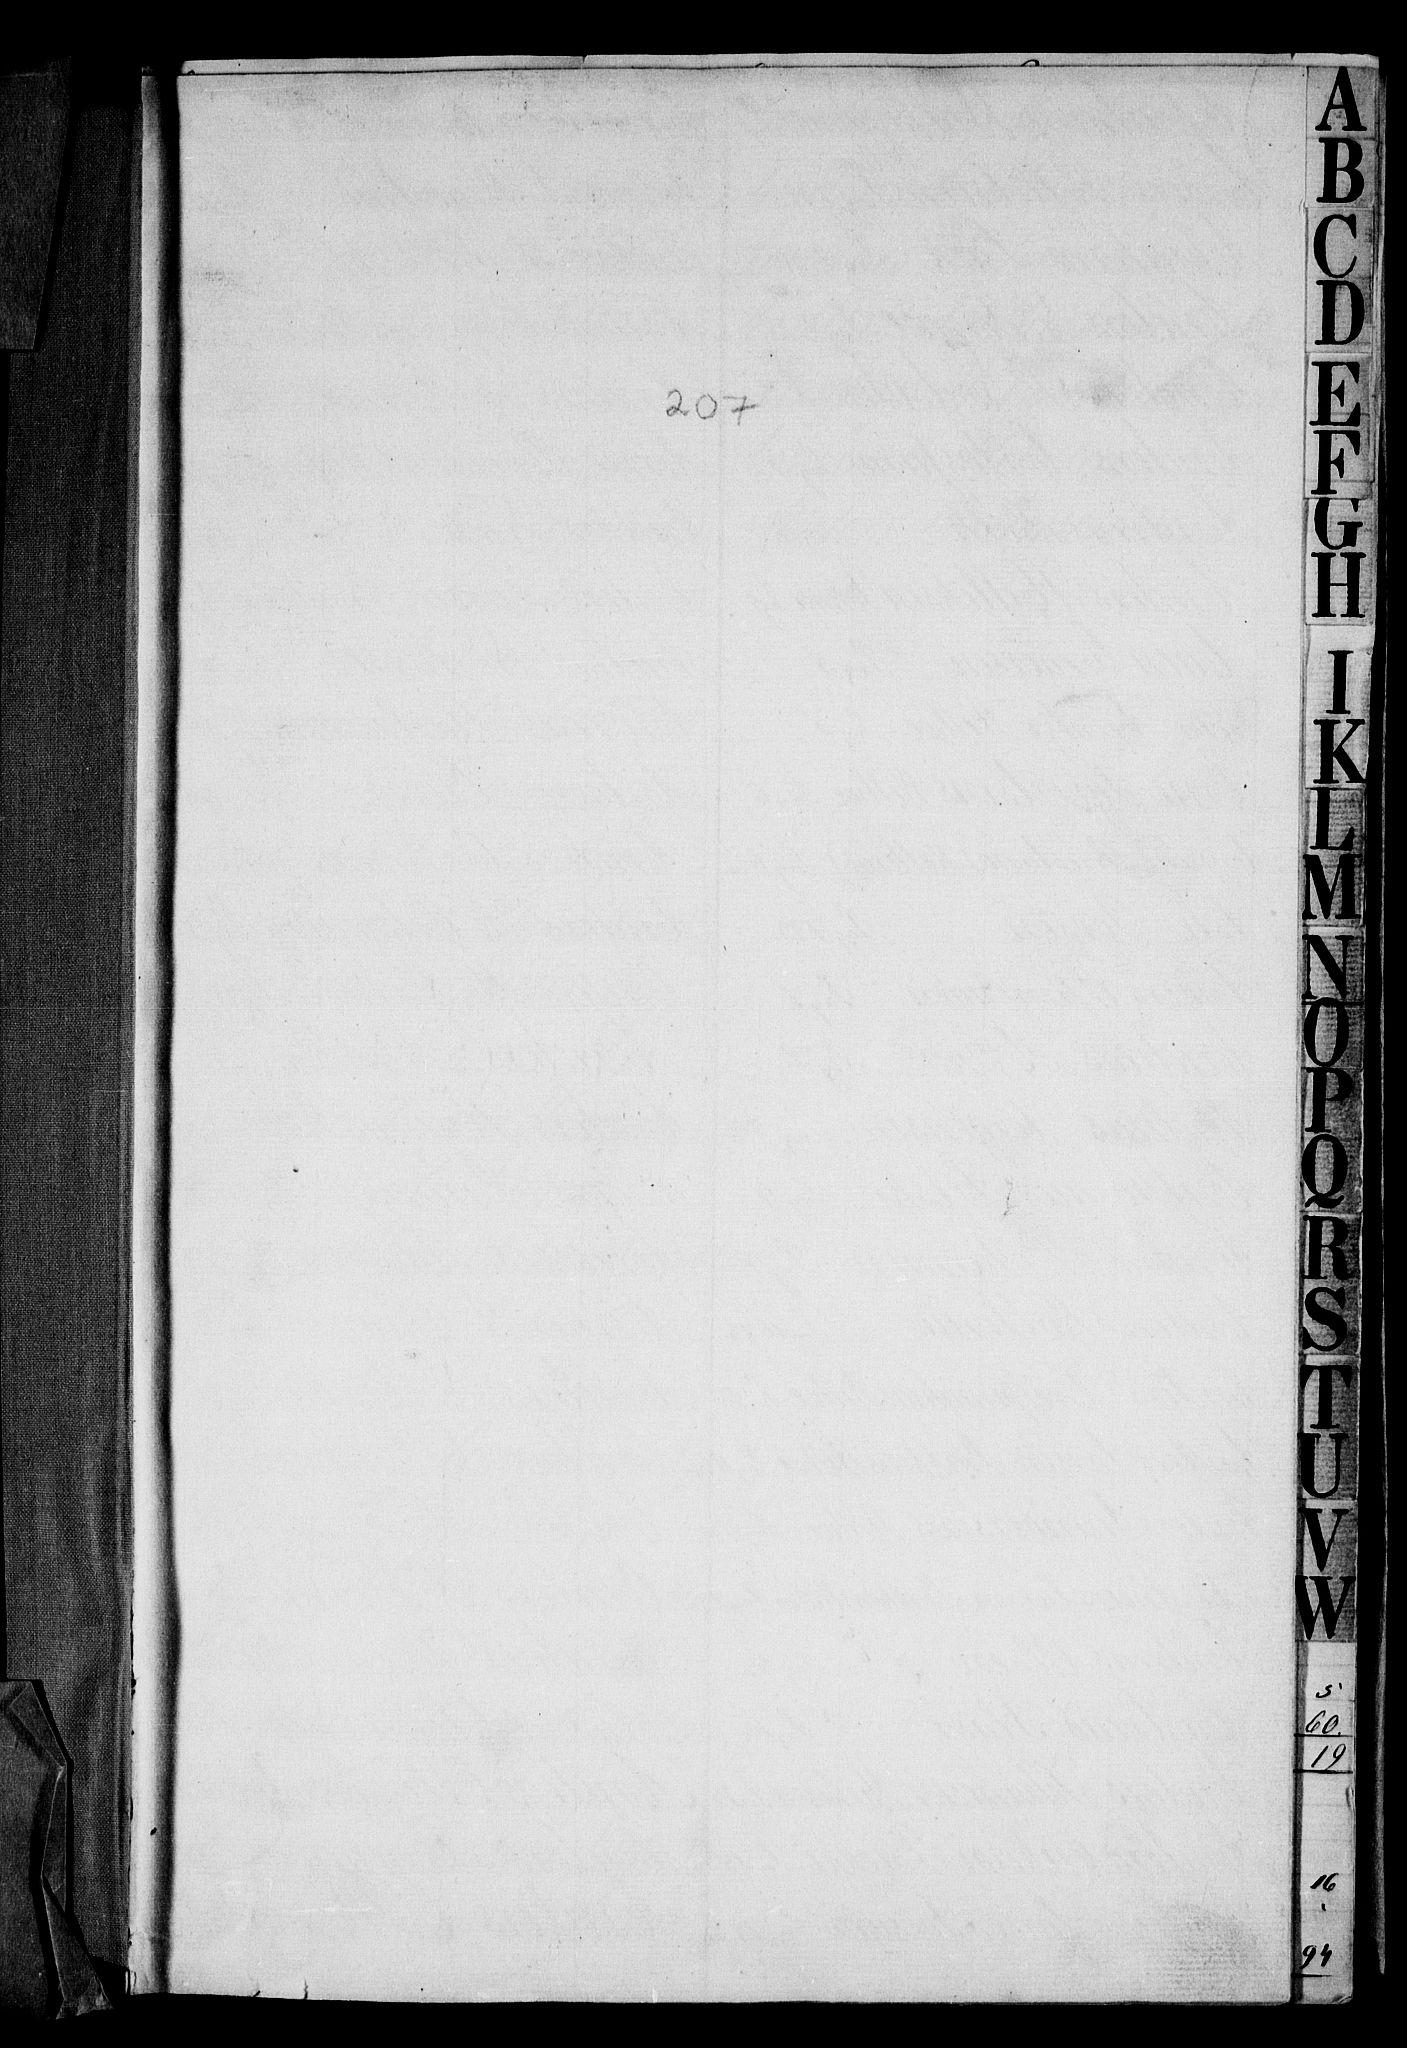 RA, Modums Blaafarveværk, G/Gd/Gdb/L0207: Vorschuss-Buch, 1839-1841, s. 2